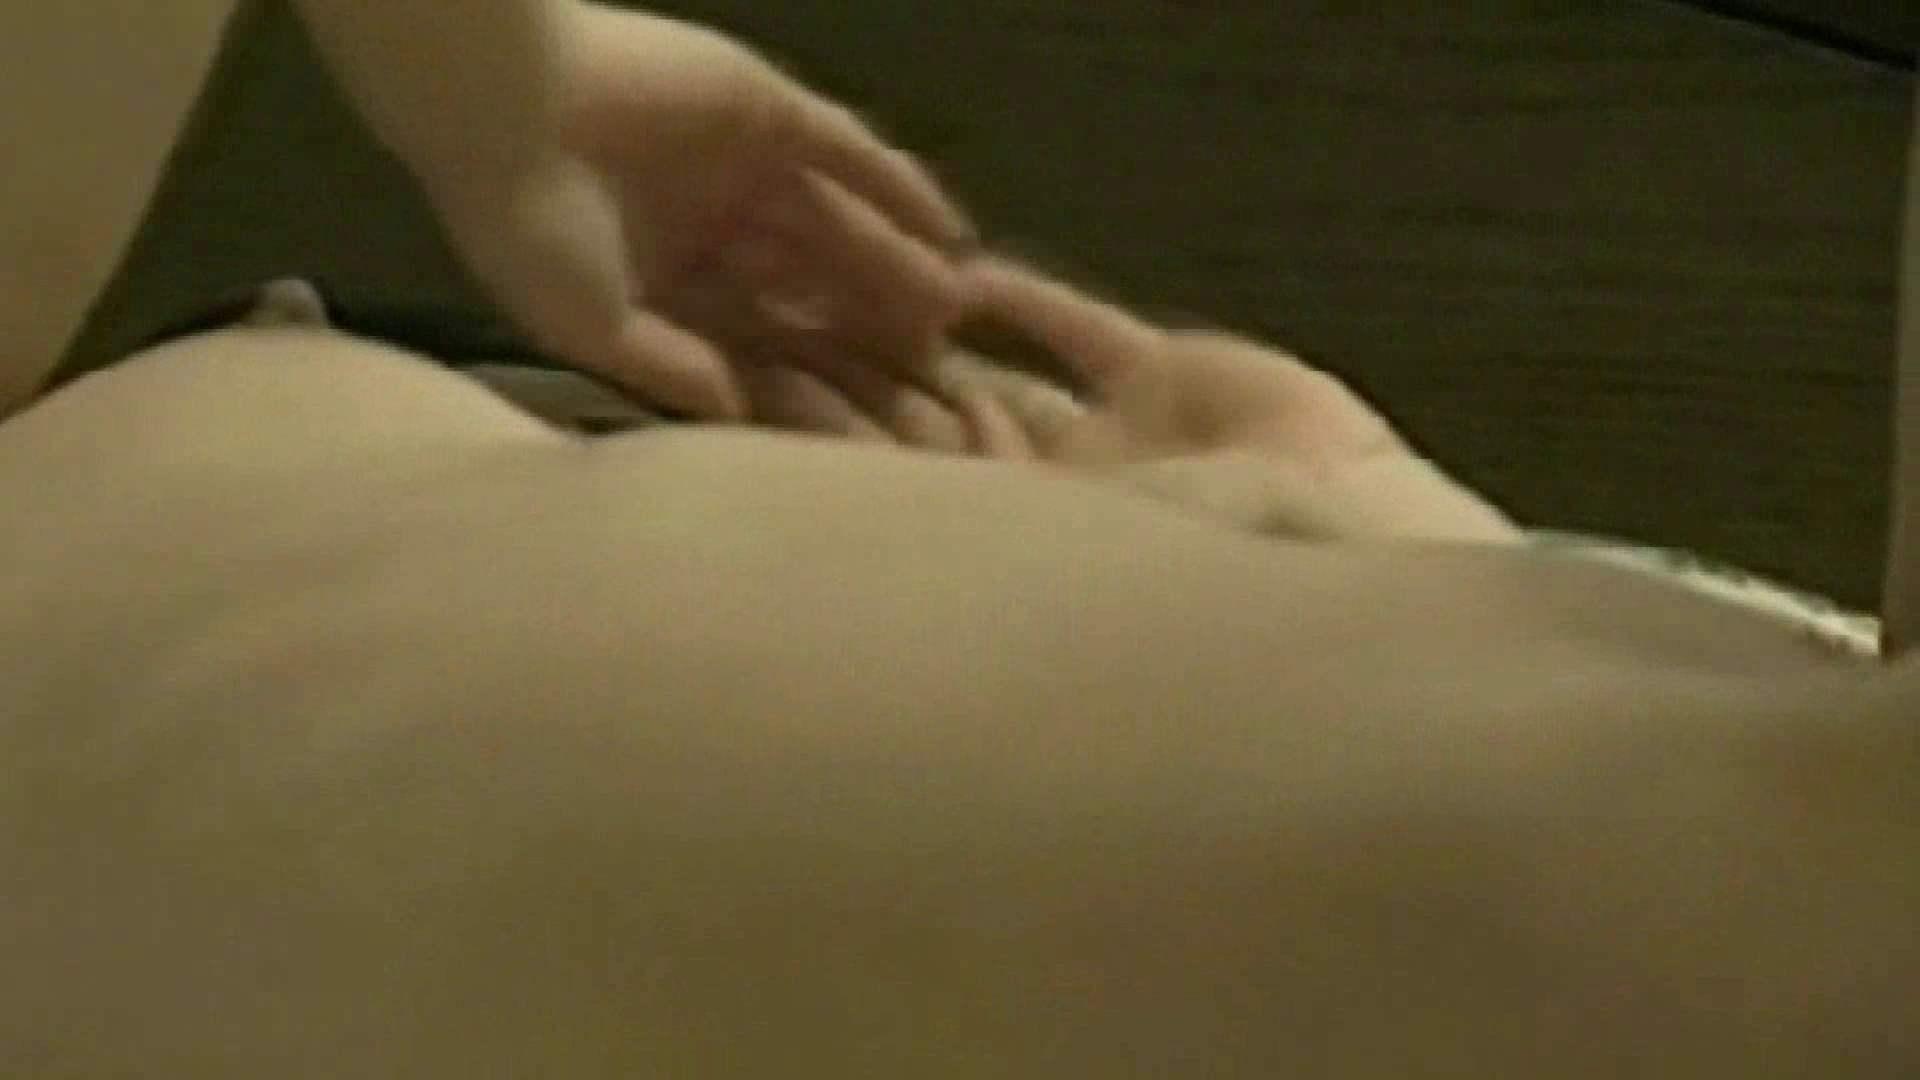 最愛の妻 TAKAKO 愛のSEX Vol.01 熟女のエッチ エロ無料画像 111pic 23